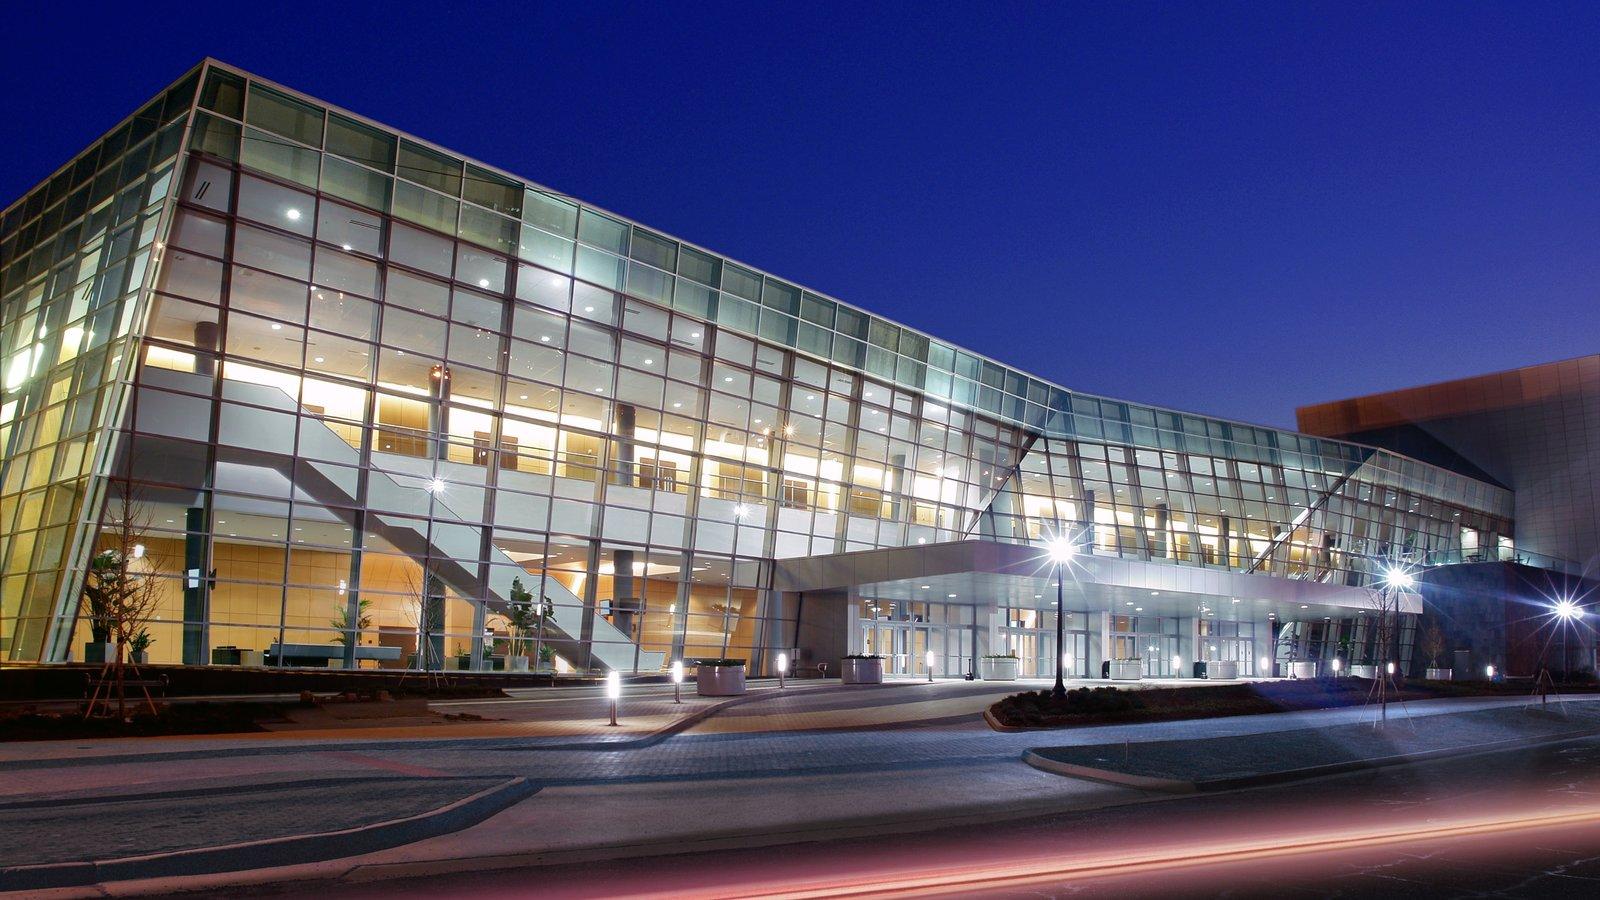 Jackson que inclui arquitetura moderna, uma cidade e cenas noturnas